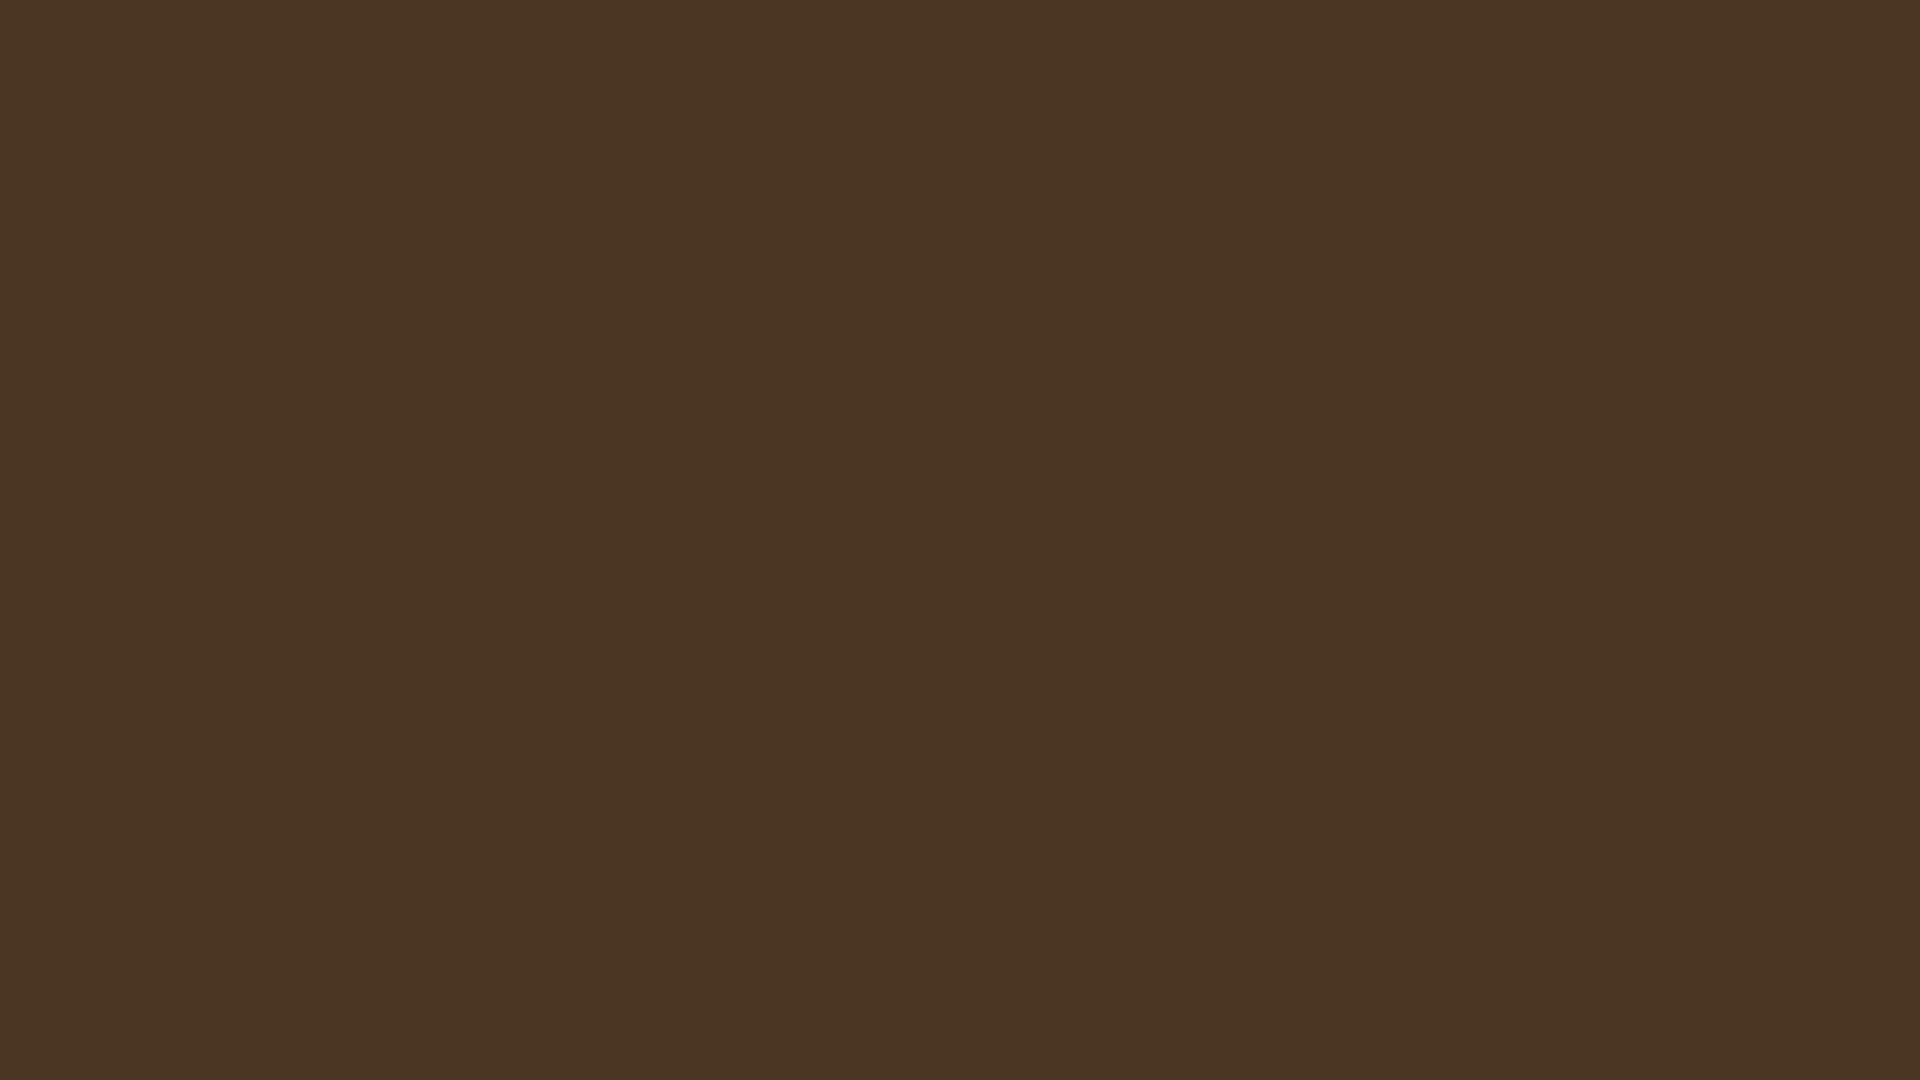 1920x1080 Cafe Noir Solid Color Background